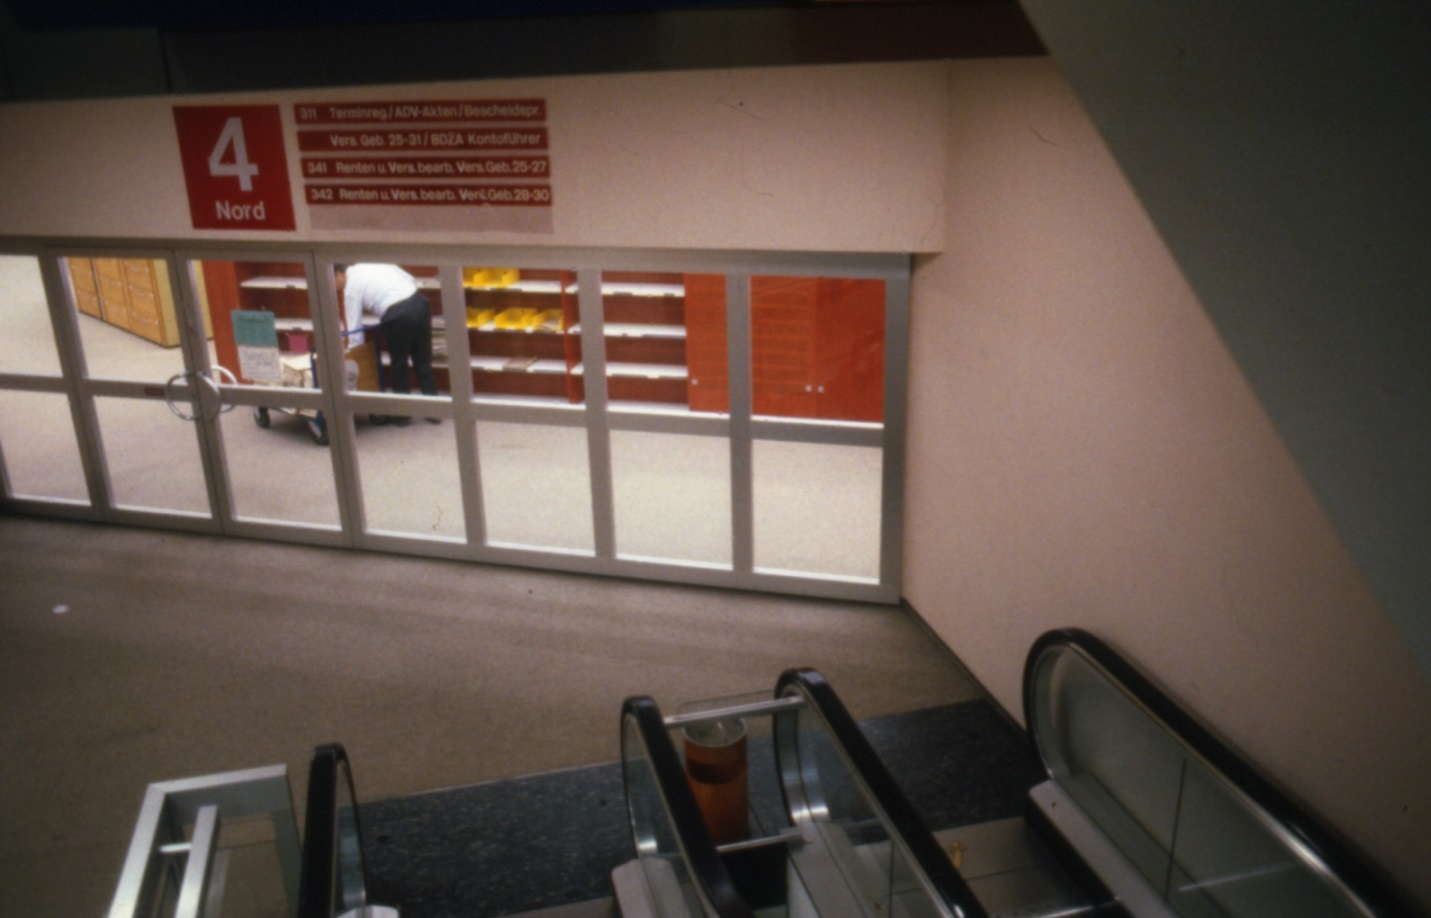 Das Farbleitsystem der Bürogeschosse bot Orientierung: neben den Schildern und den Begrenzungswänden von Domus war die Wandfarbe darauf abgestimmt (Bild: Deutsche Rentenversicherung Baden-Württemberg, W. Trepl, um 1980)